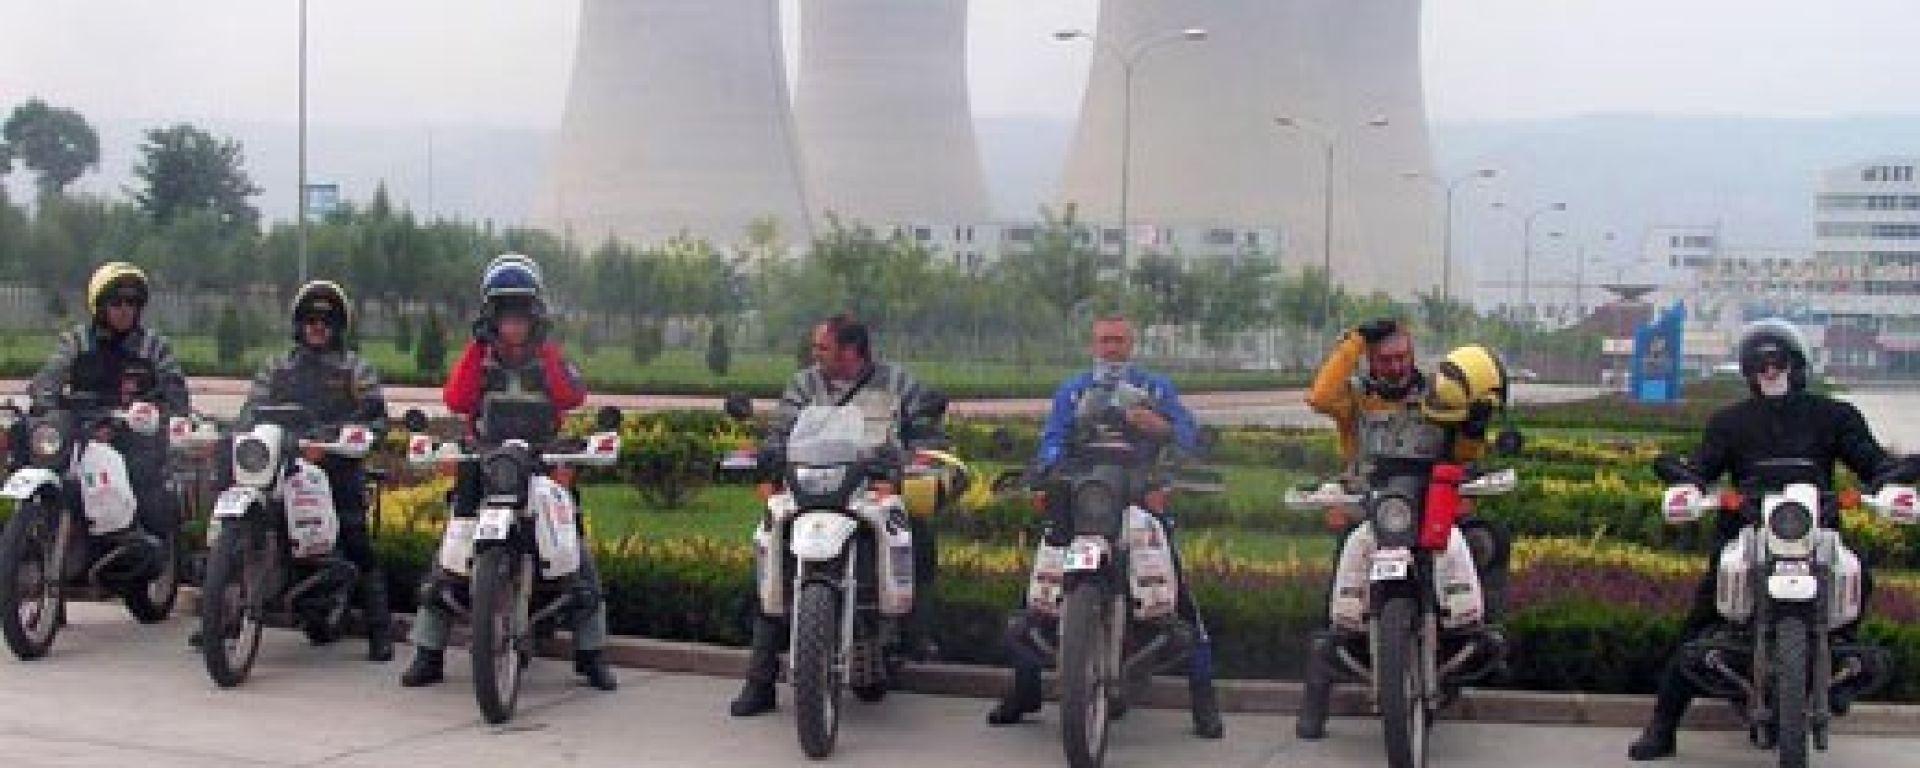 La vita in Cina